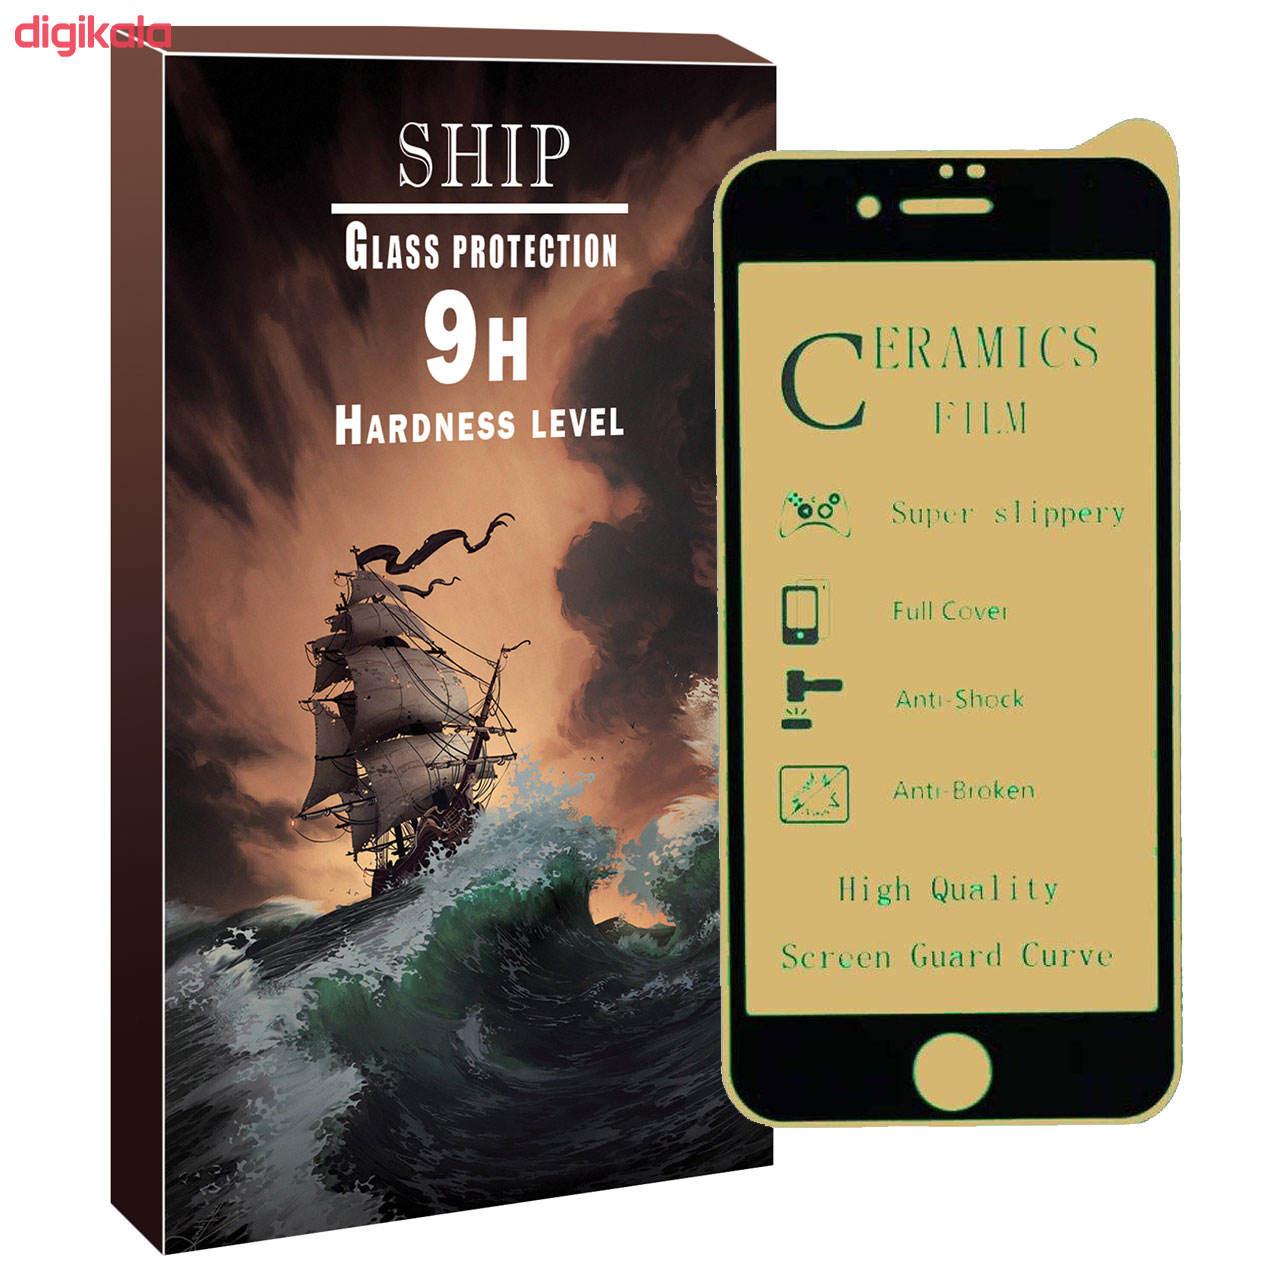 محافظ صفحه نمایش مات شیپ مدل shmcrm-01 مناسب برای گوشی موبایل اپل Iphone 6 Plus / 6s Plus main 1 1